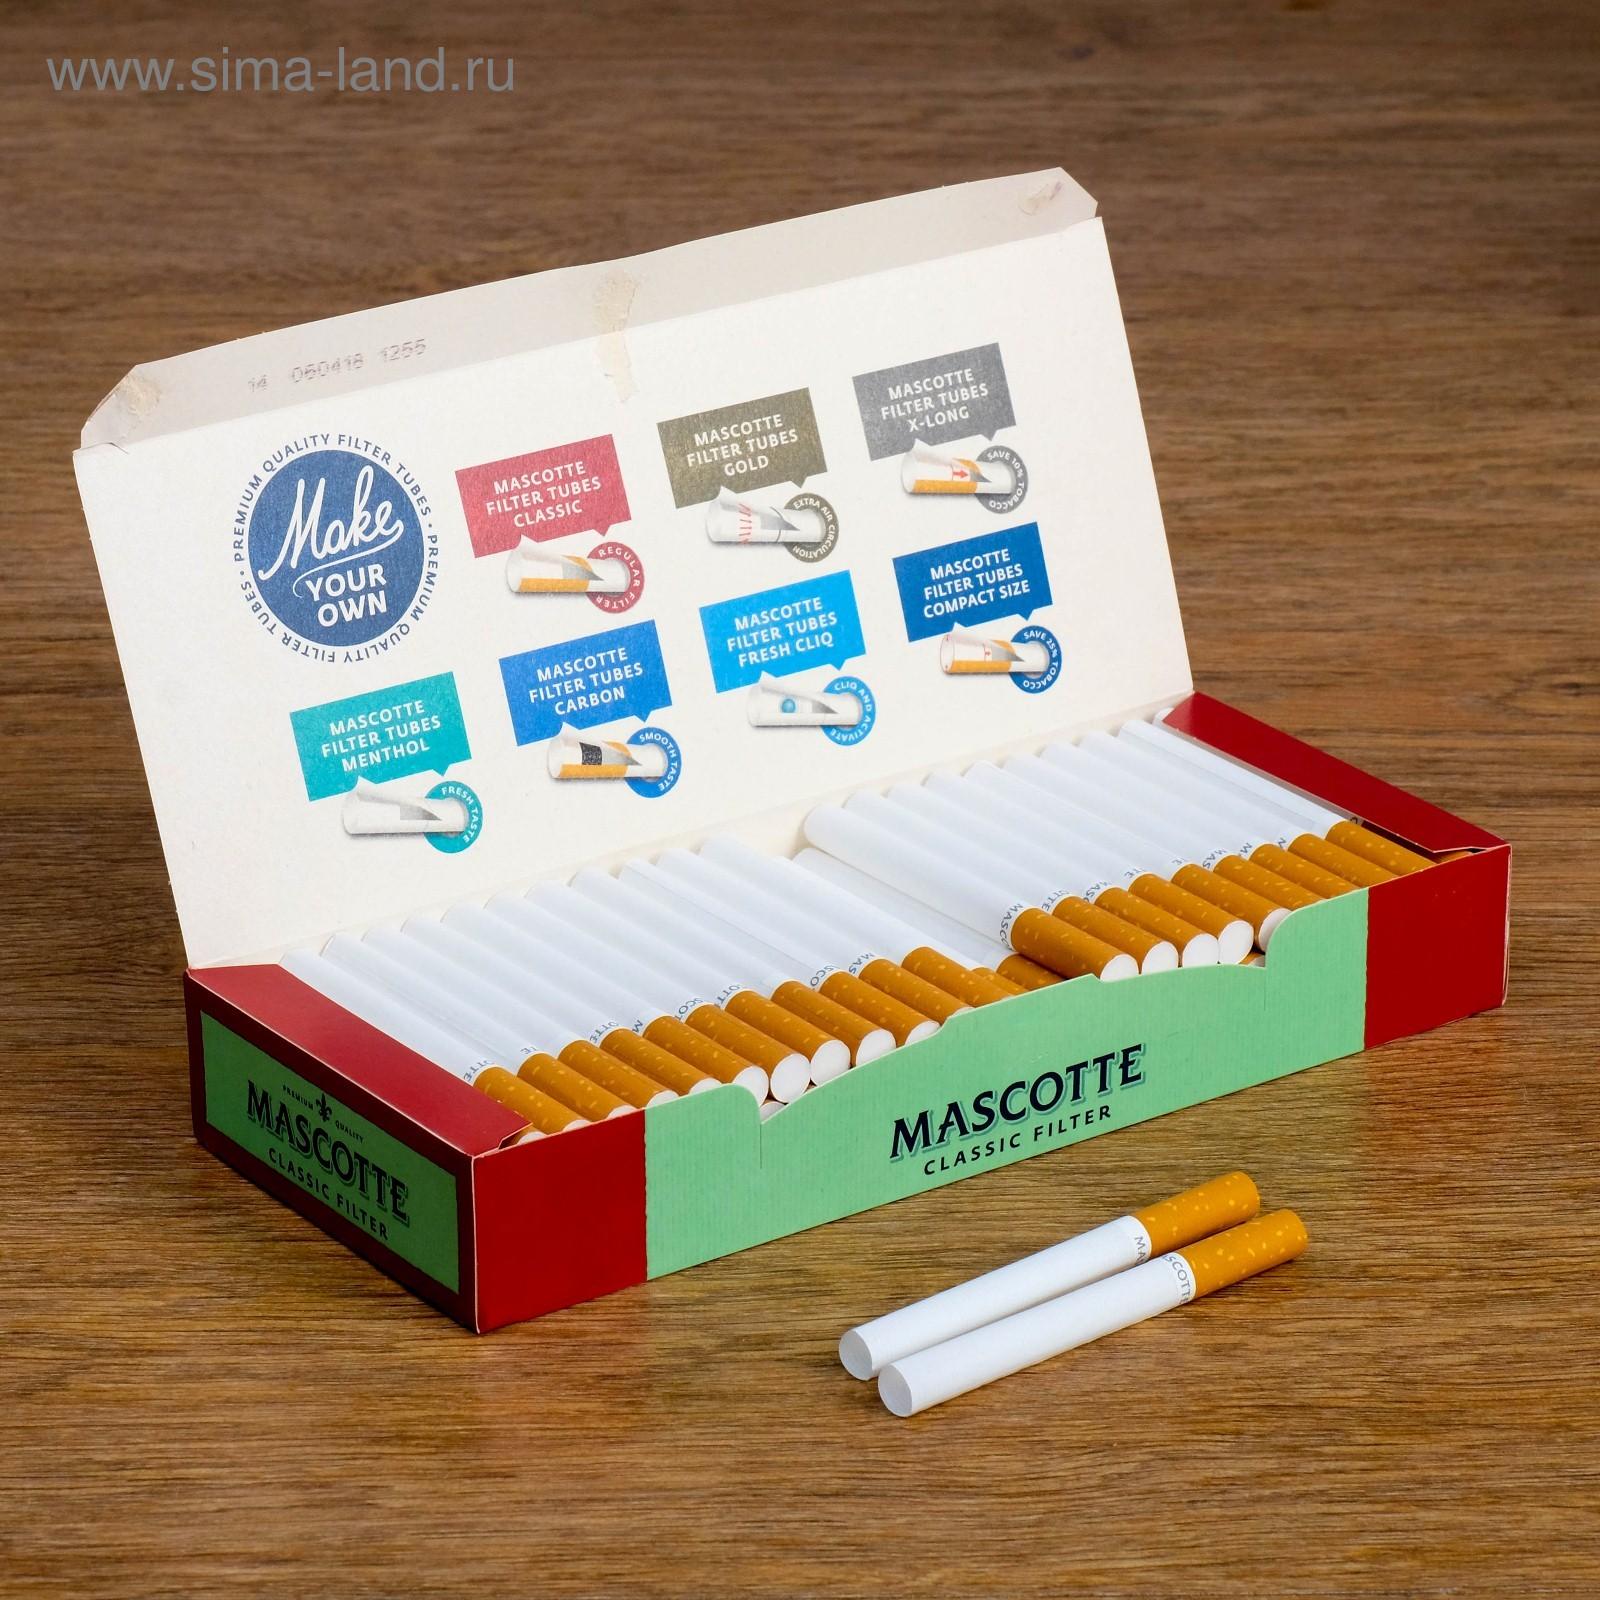 Гильзы для сигарет купить в екатеринбурге с фильтром заправка для электронной сигареты купить уфа